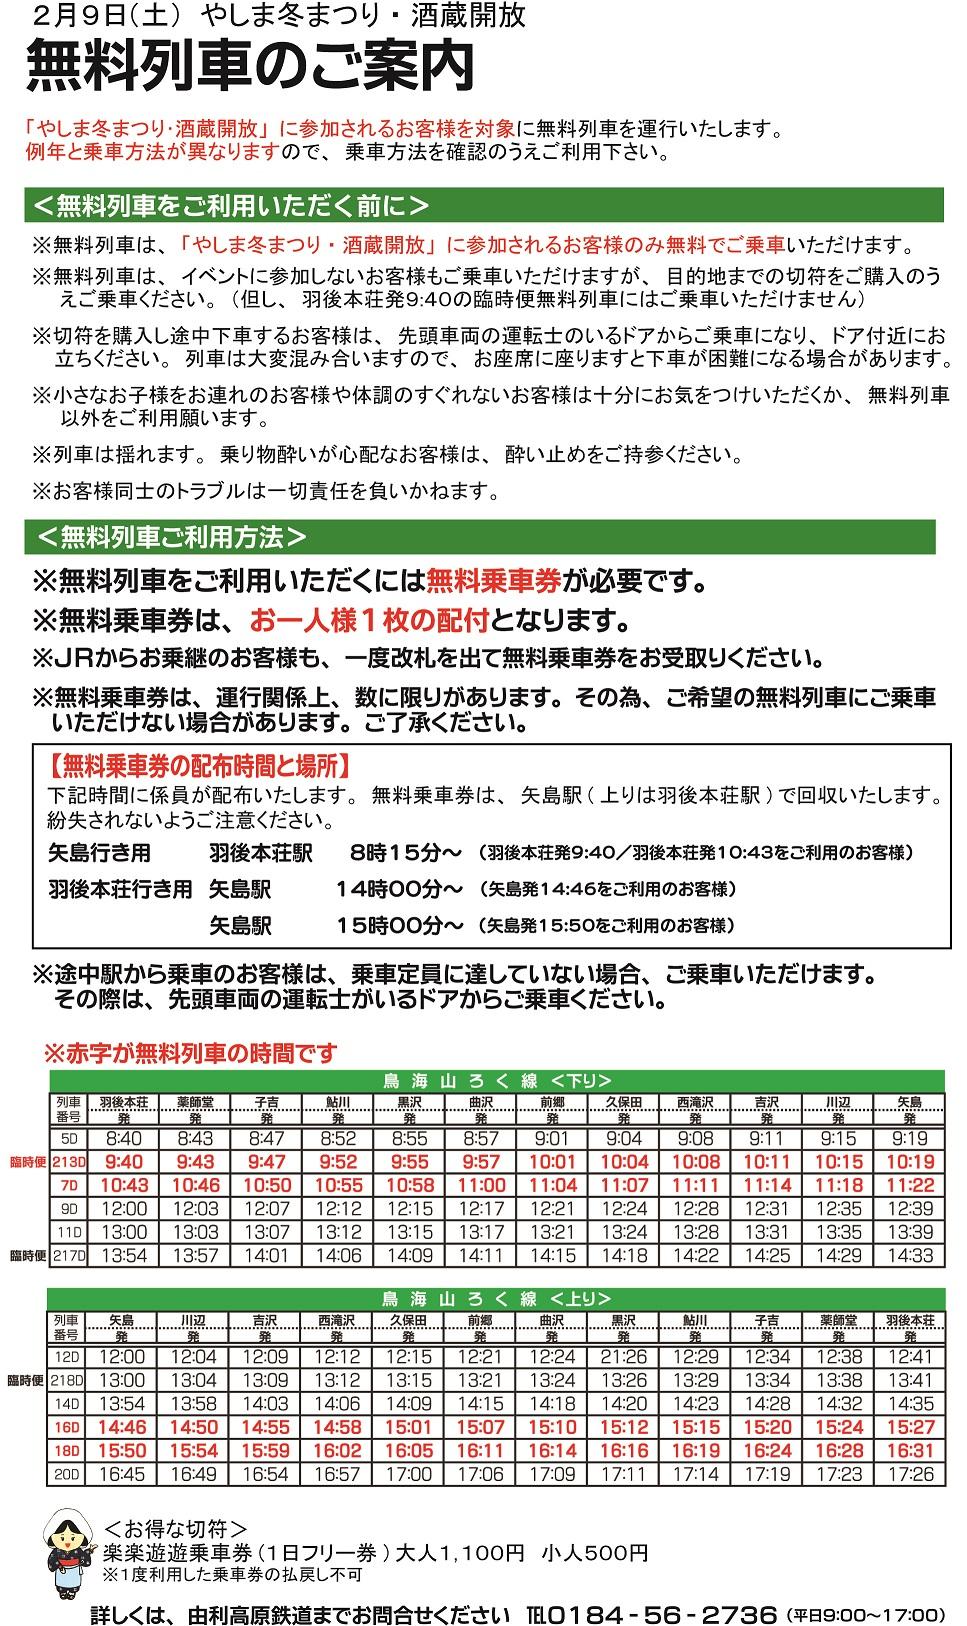 2.9無料列車のお知らせ